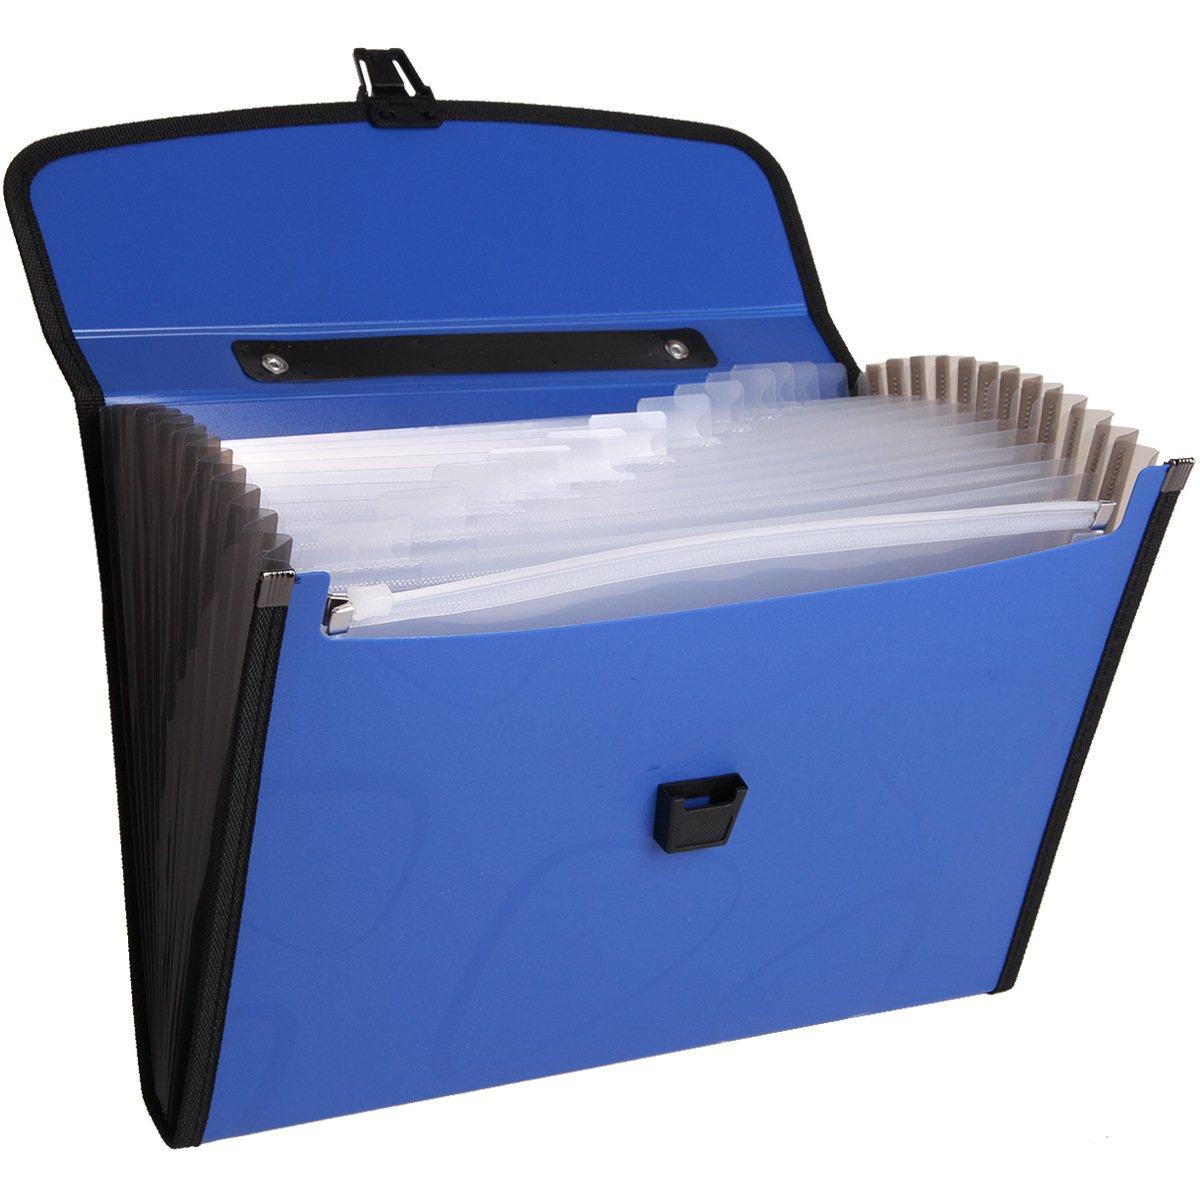 classqiue clasificador de fuelle 13/bolsillo forma acorde/ón malet/ín estilo business malet/ín organizador de archivos carpetas papeles A4/contratos con asa retr/áctil confortable color azul